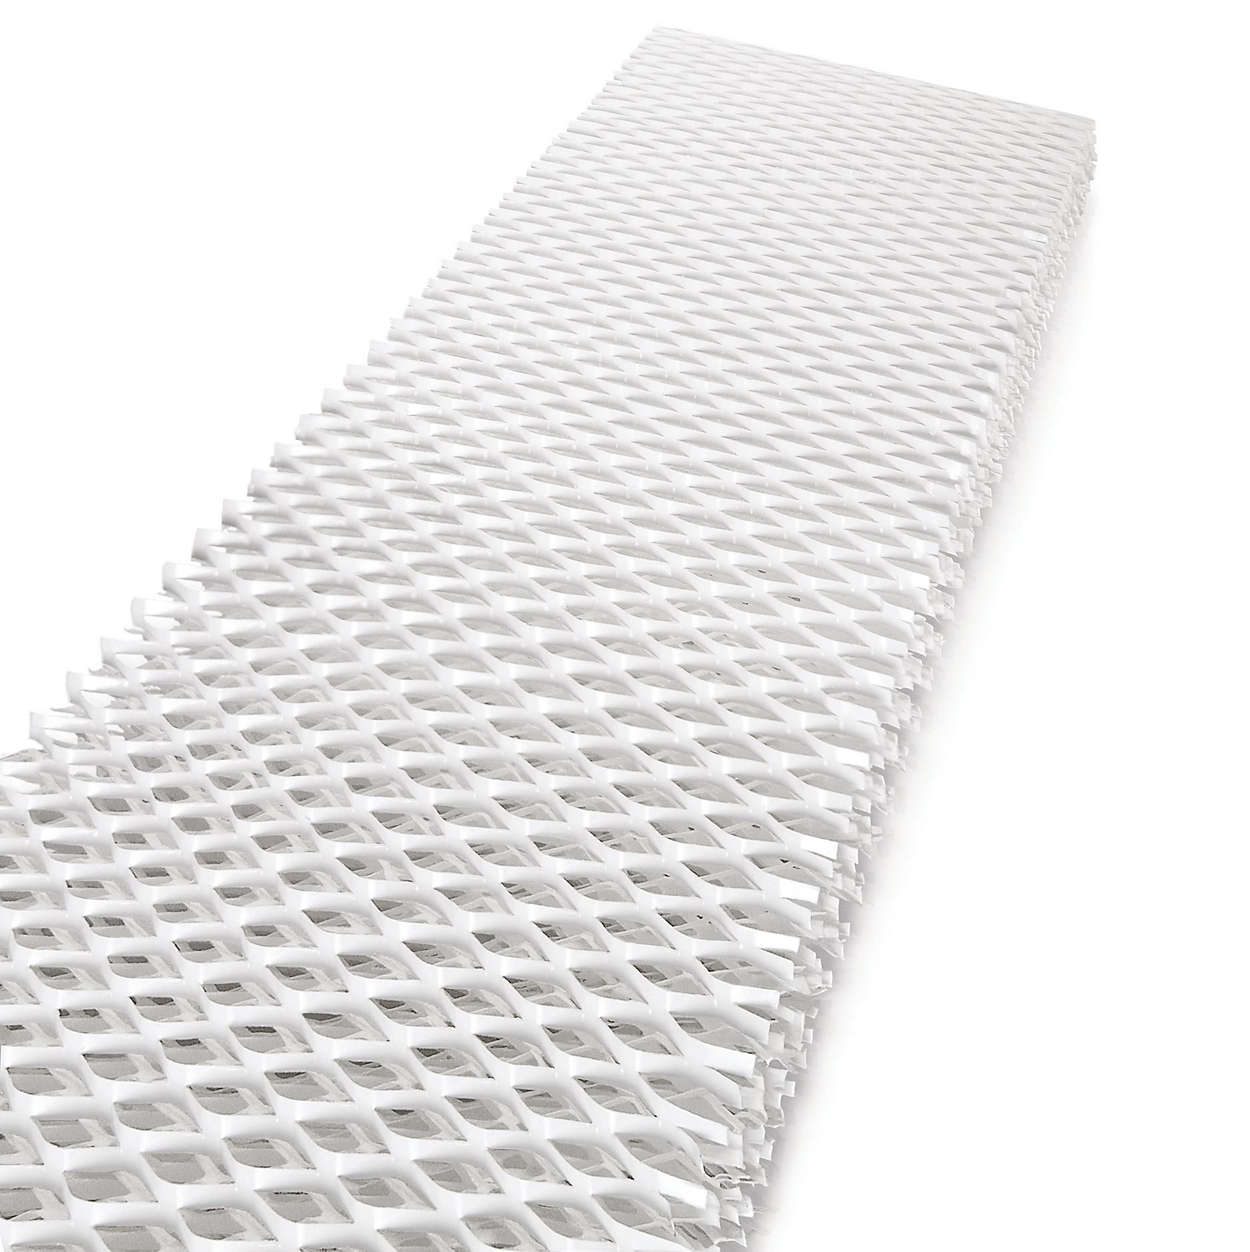 NanoCloud technology, hygienic humidification